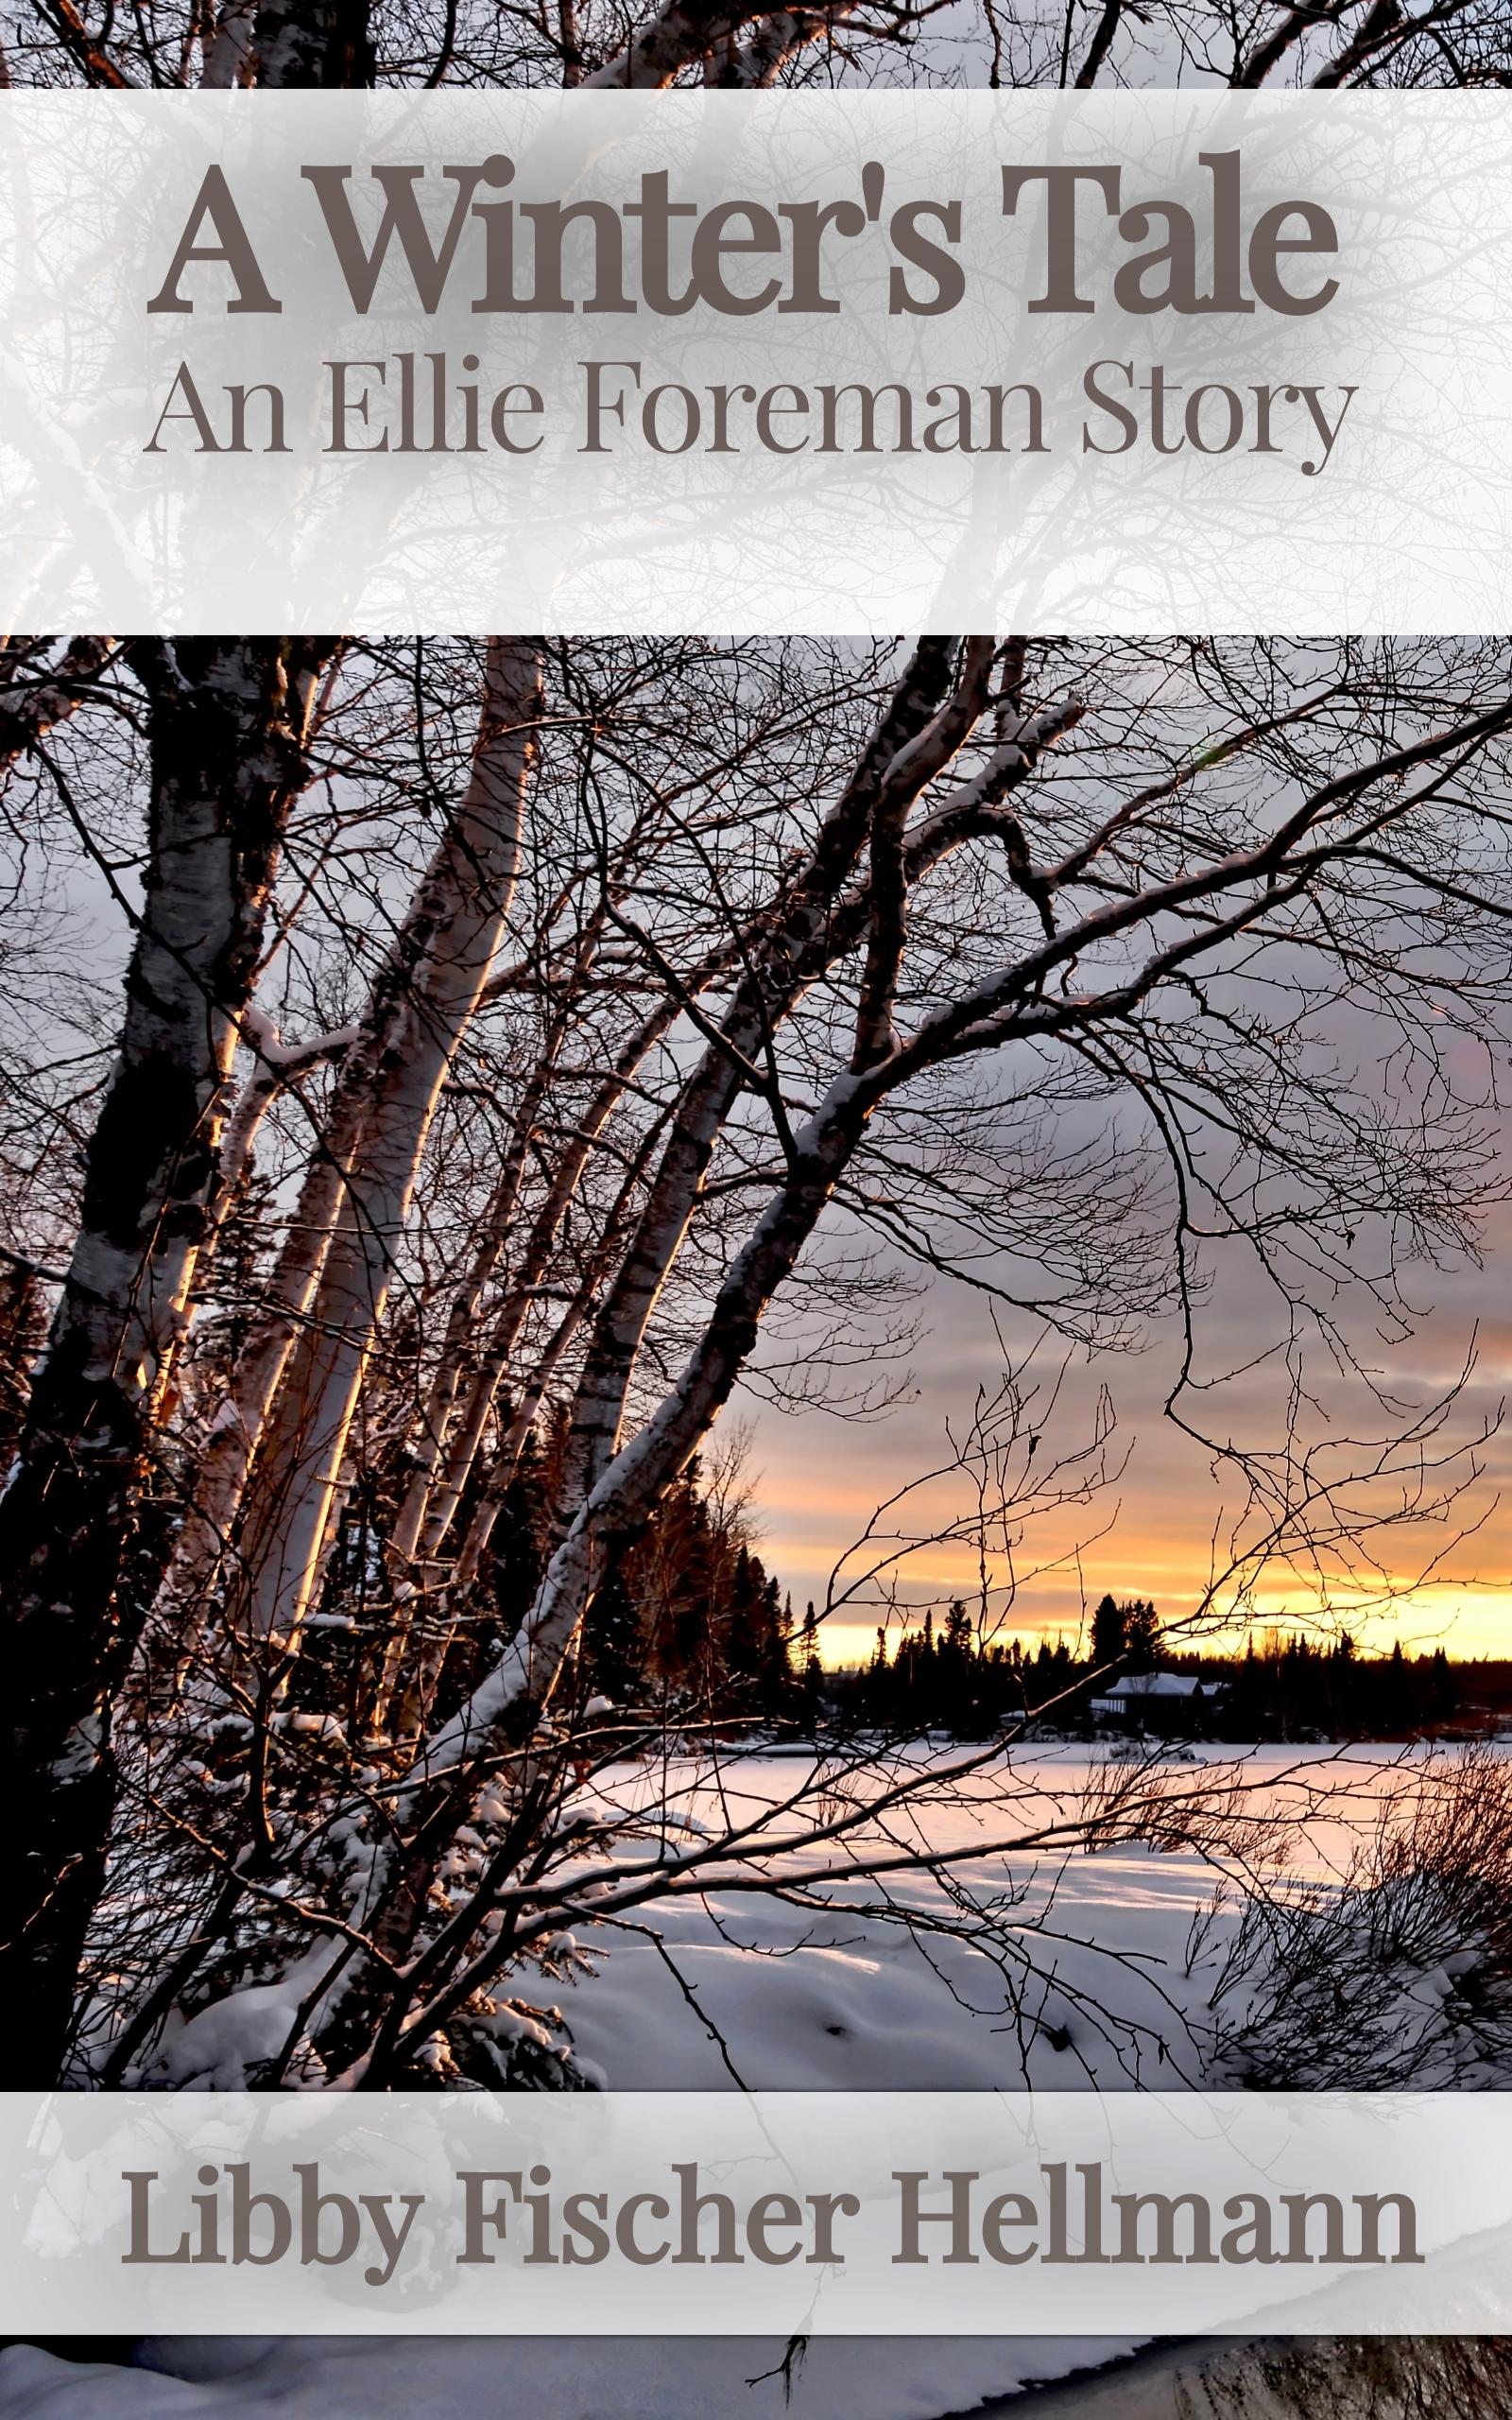 A Winter's Tale by Libby Fischer Hellmann